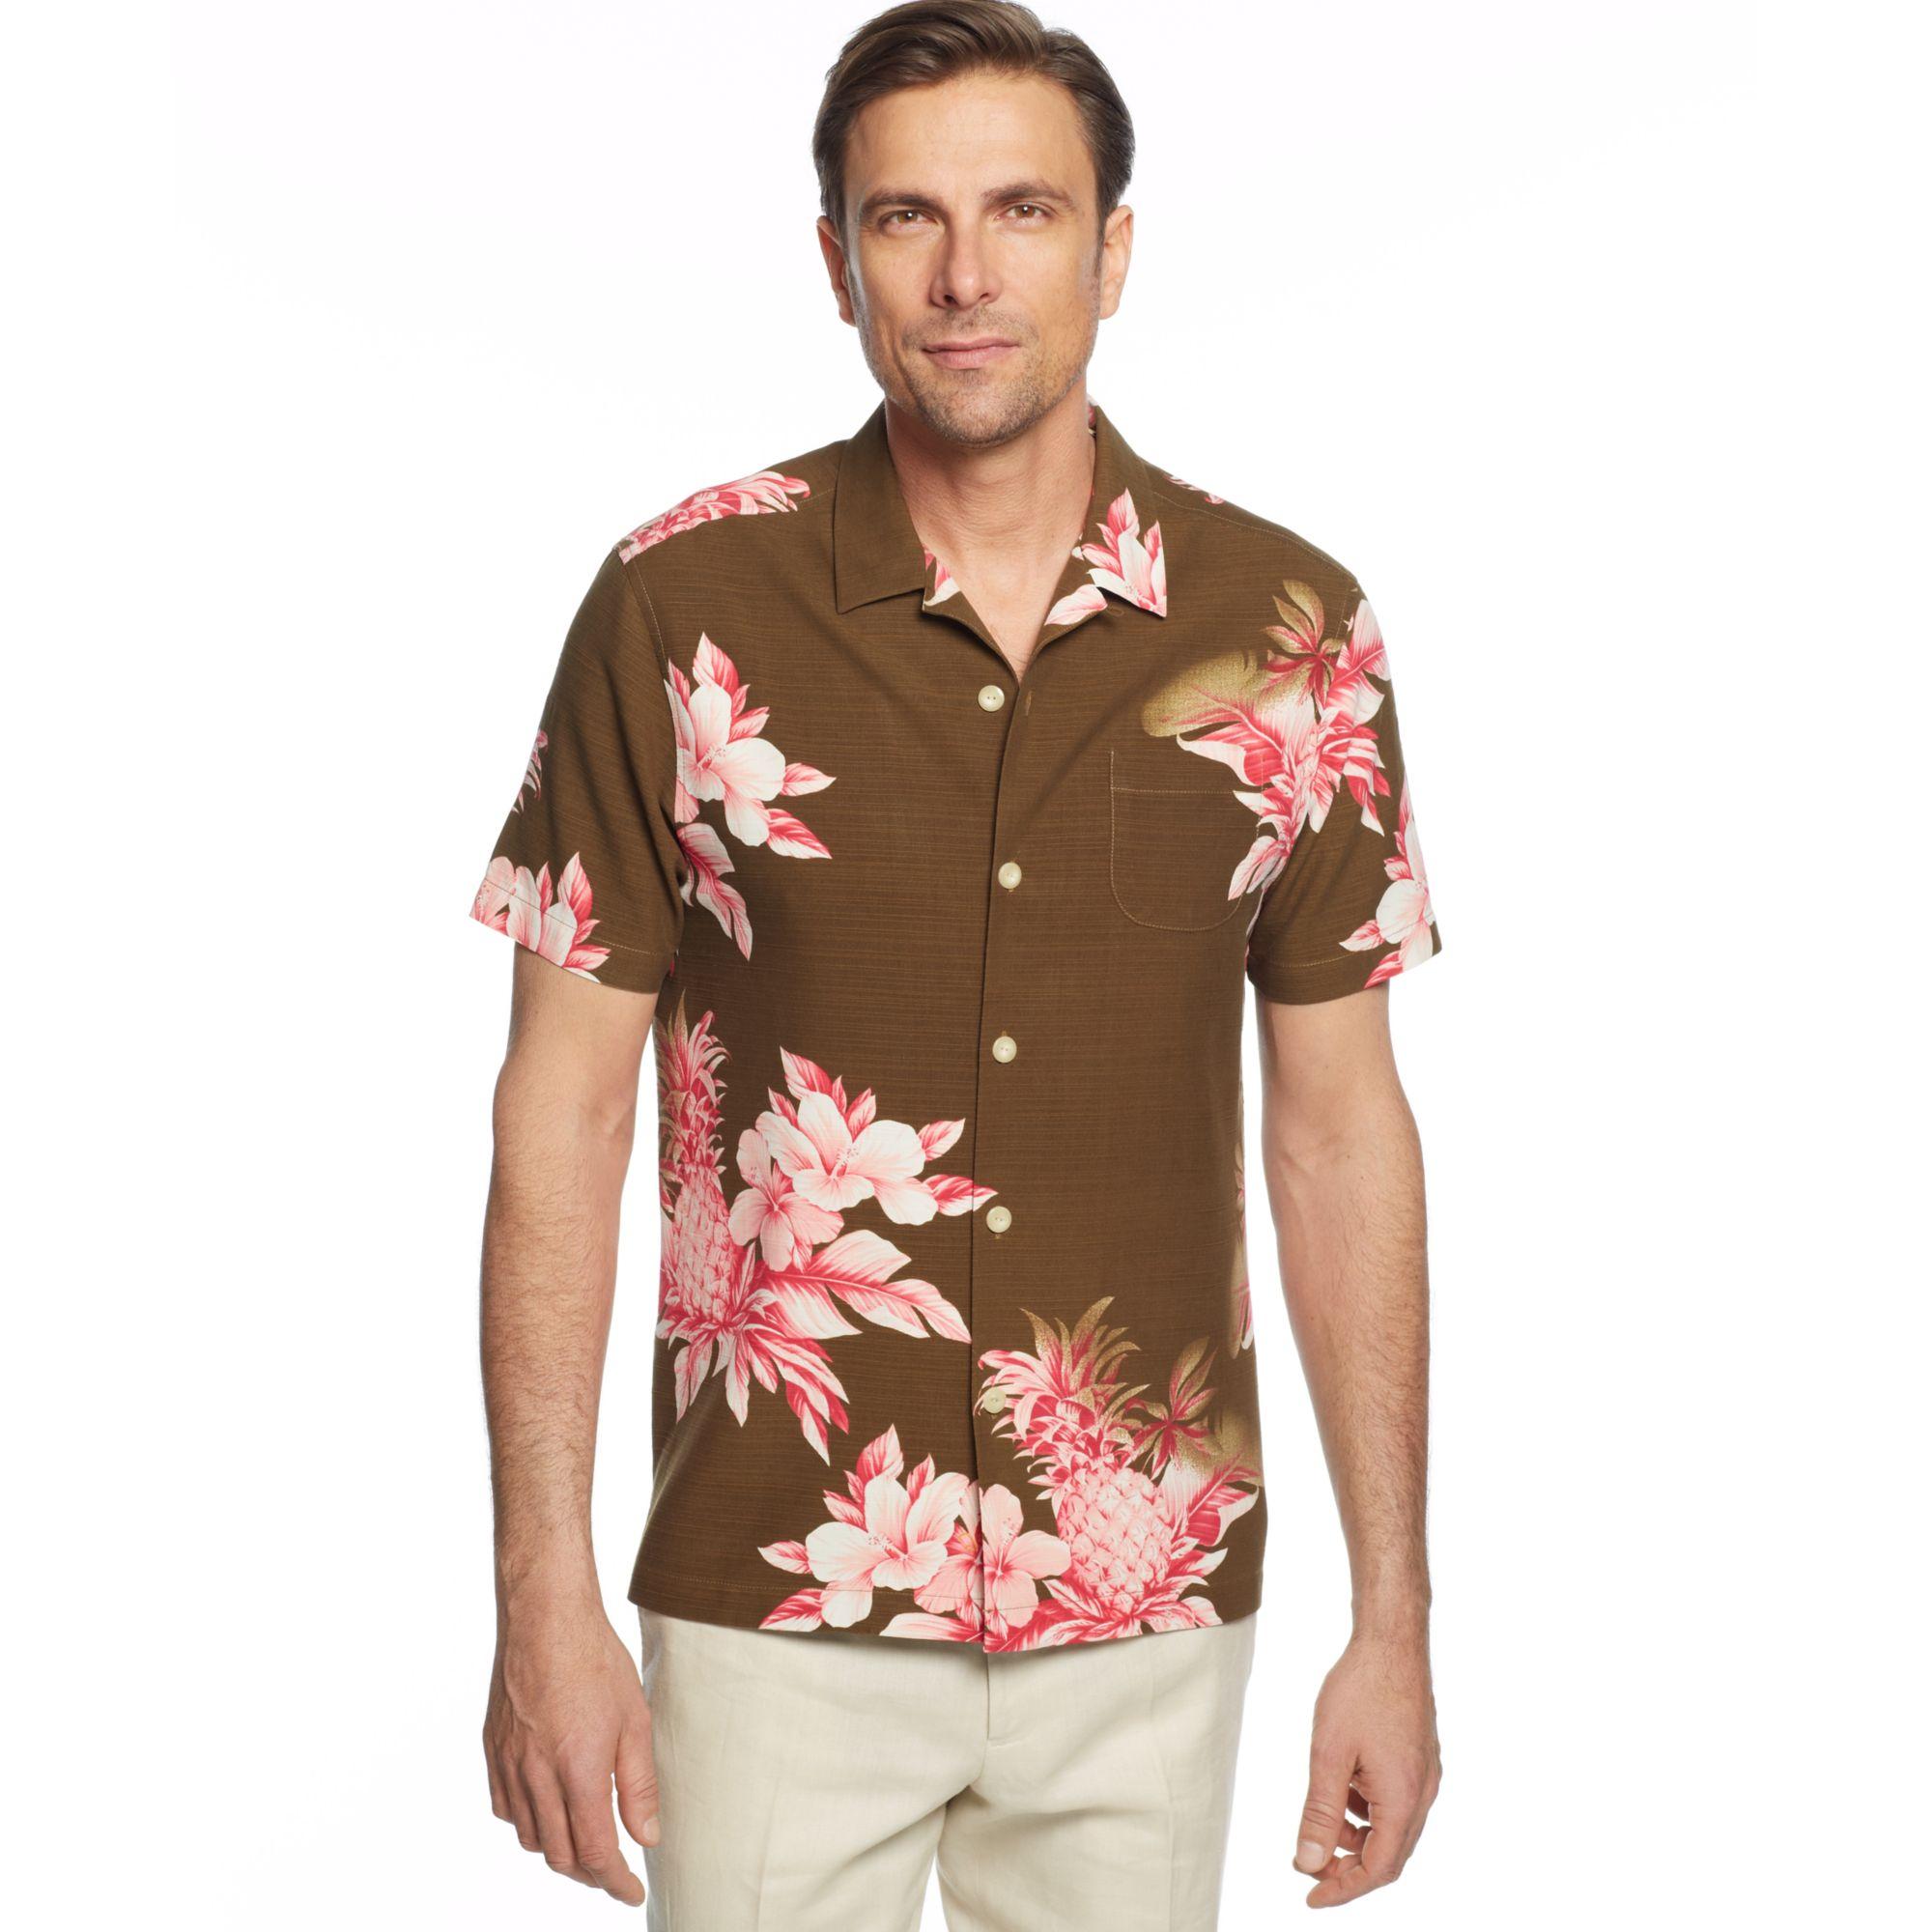 Tommy bahama pina colada silk shirt in pink for men cola for Tommy bahama christmas shirt 2014